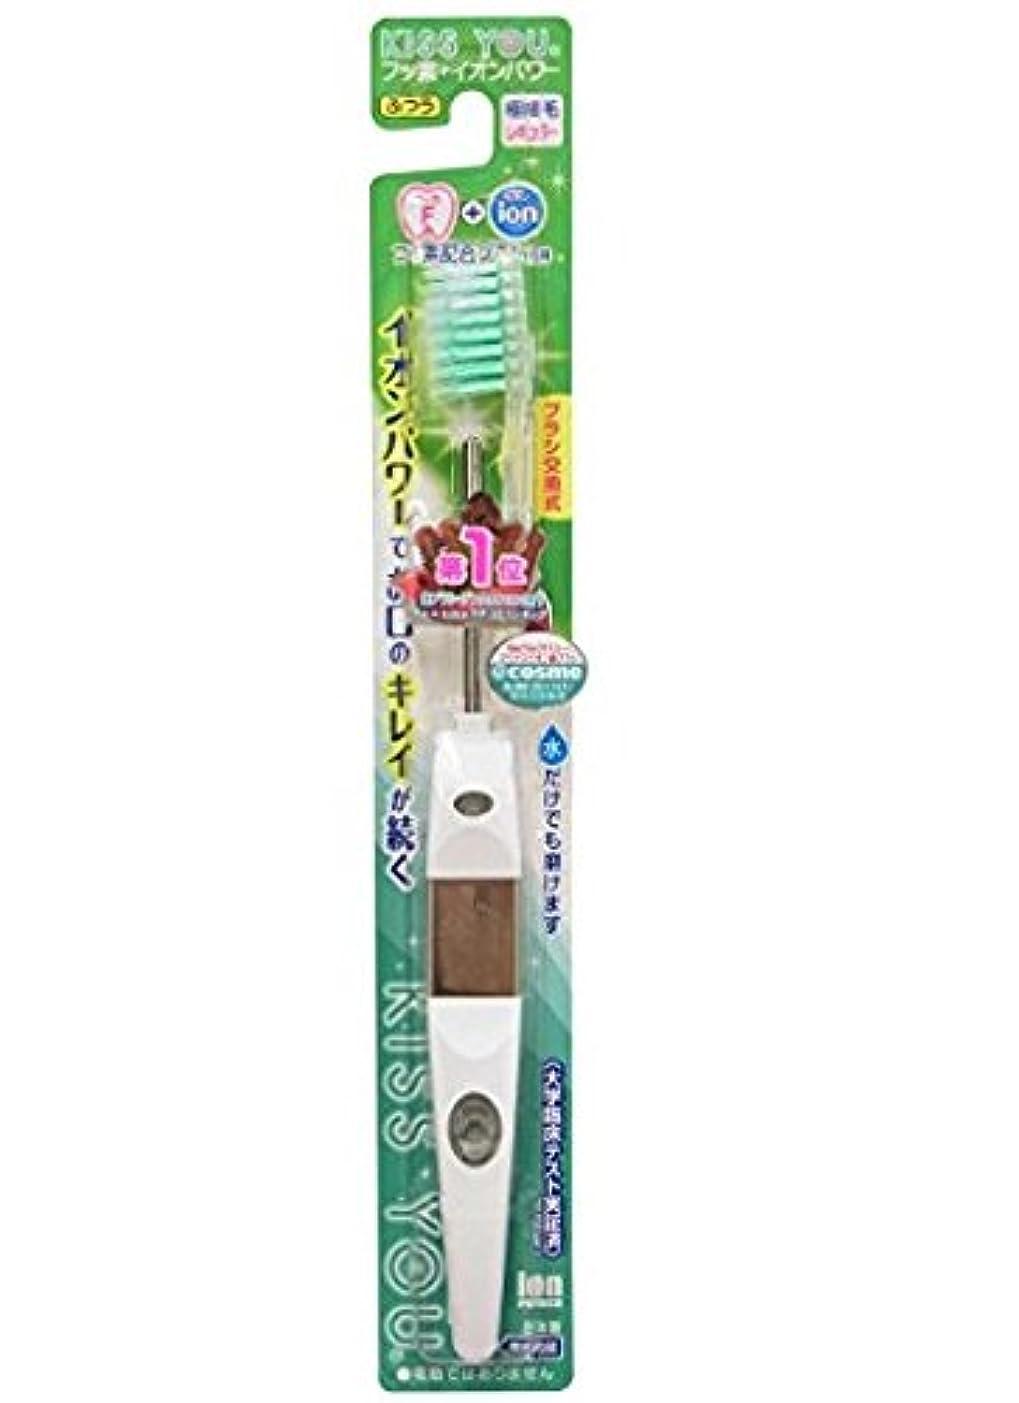 争う肯定的批判的フッ素イオン歯ブラシ極細レギュラー本体ふつう × 5個セット